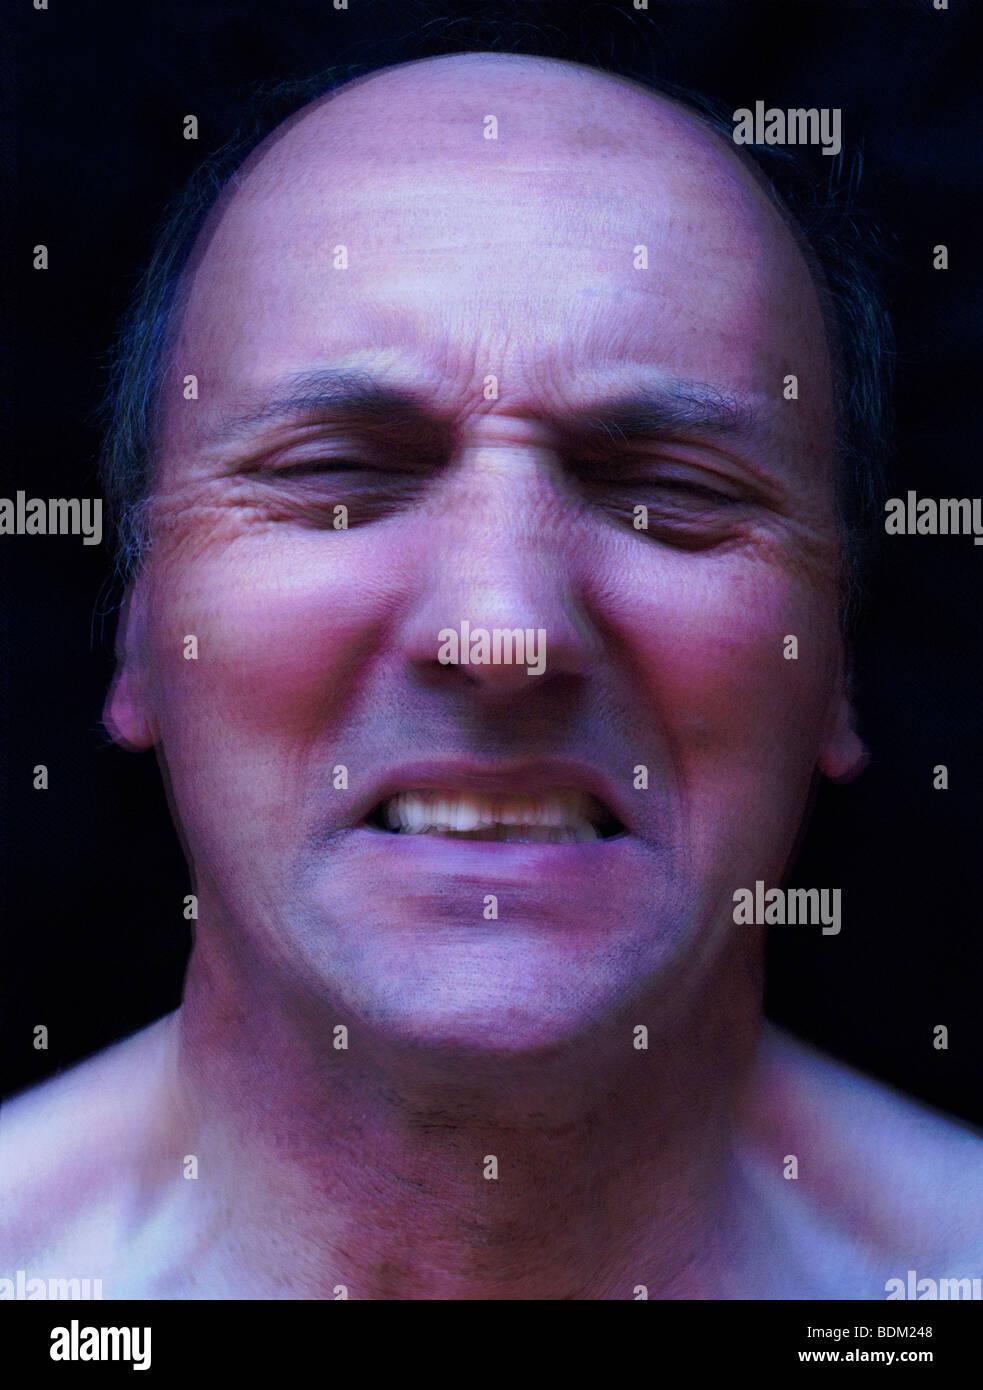 Stress, tensione, deformazione e depressione Immagini Stock